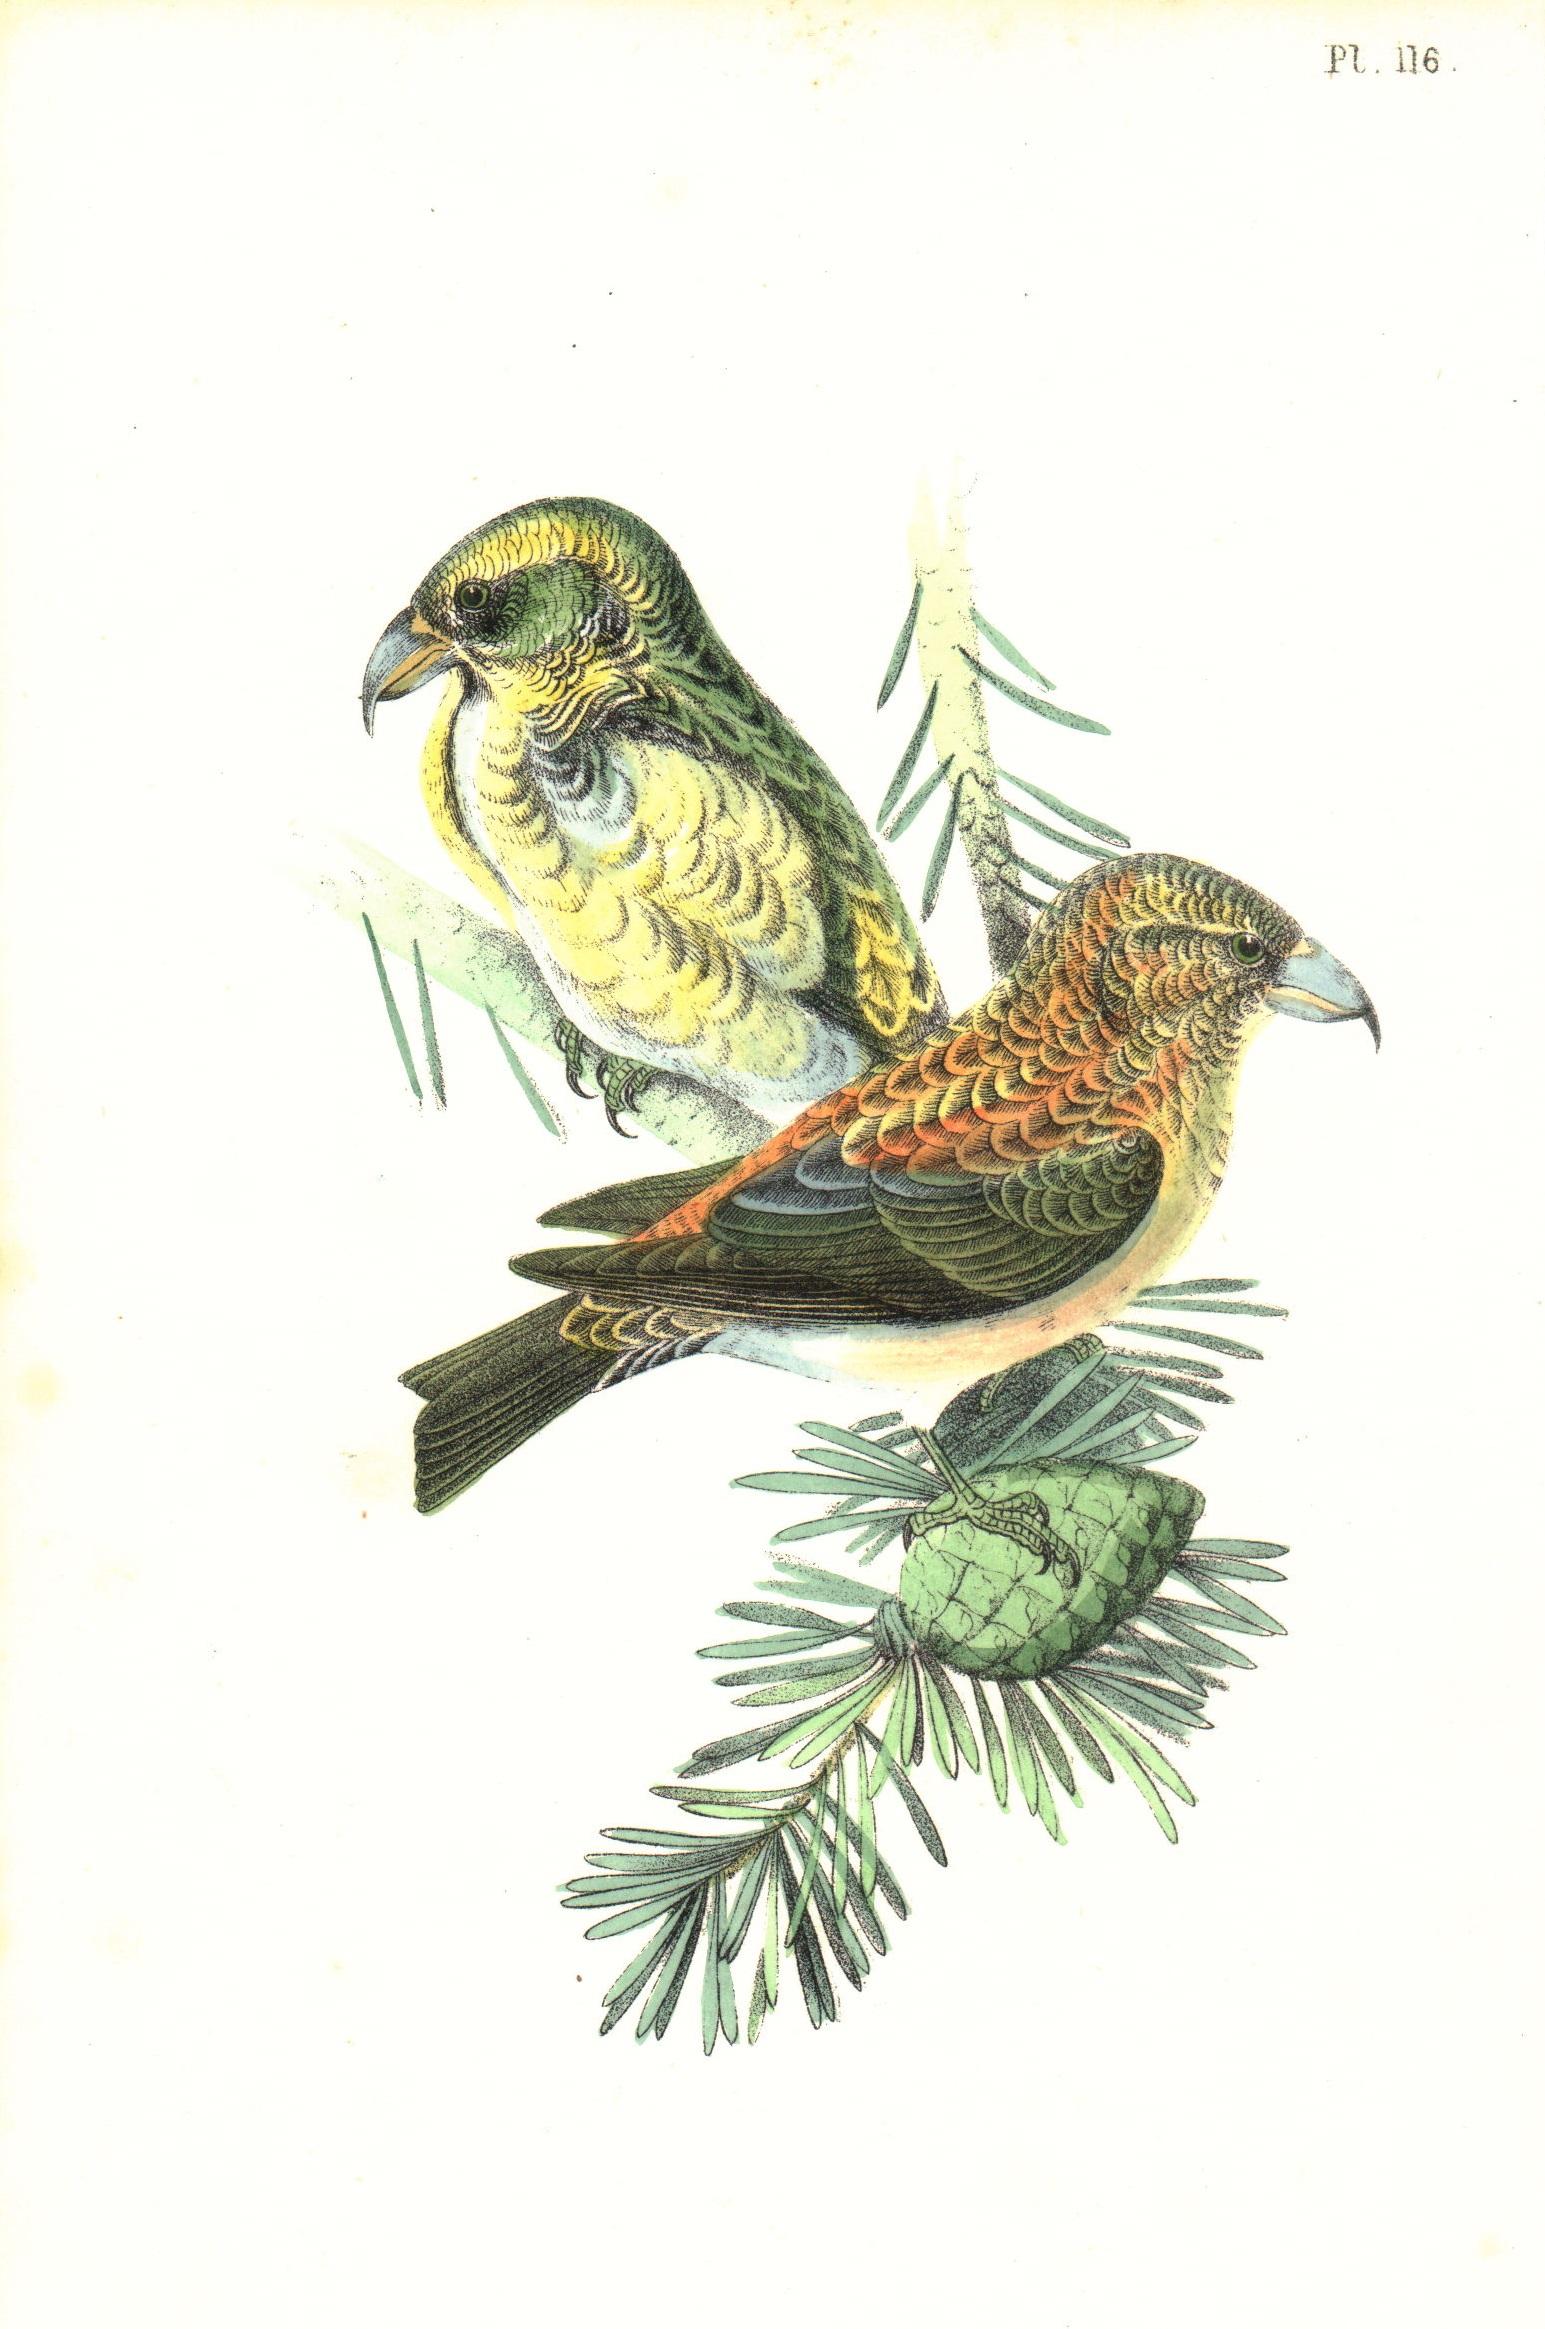 Common Crossbill